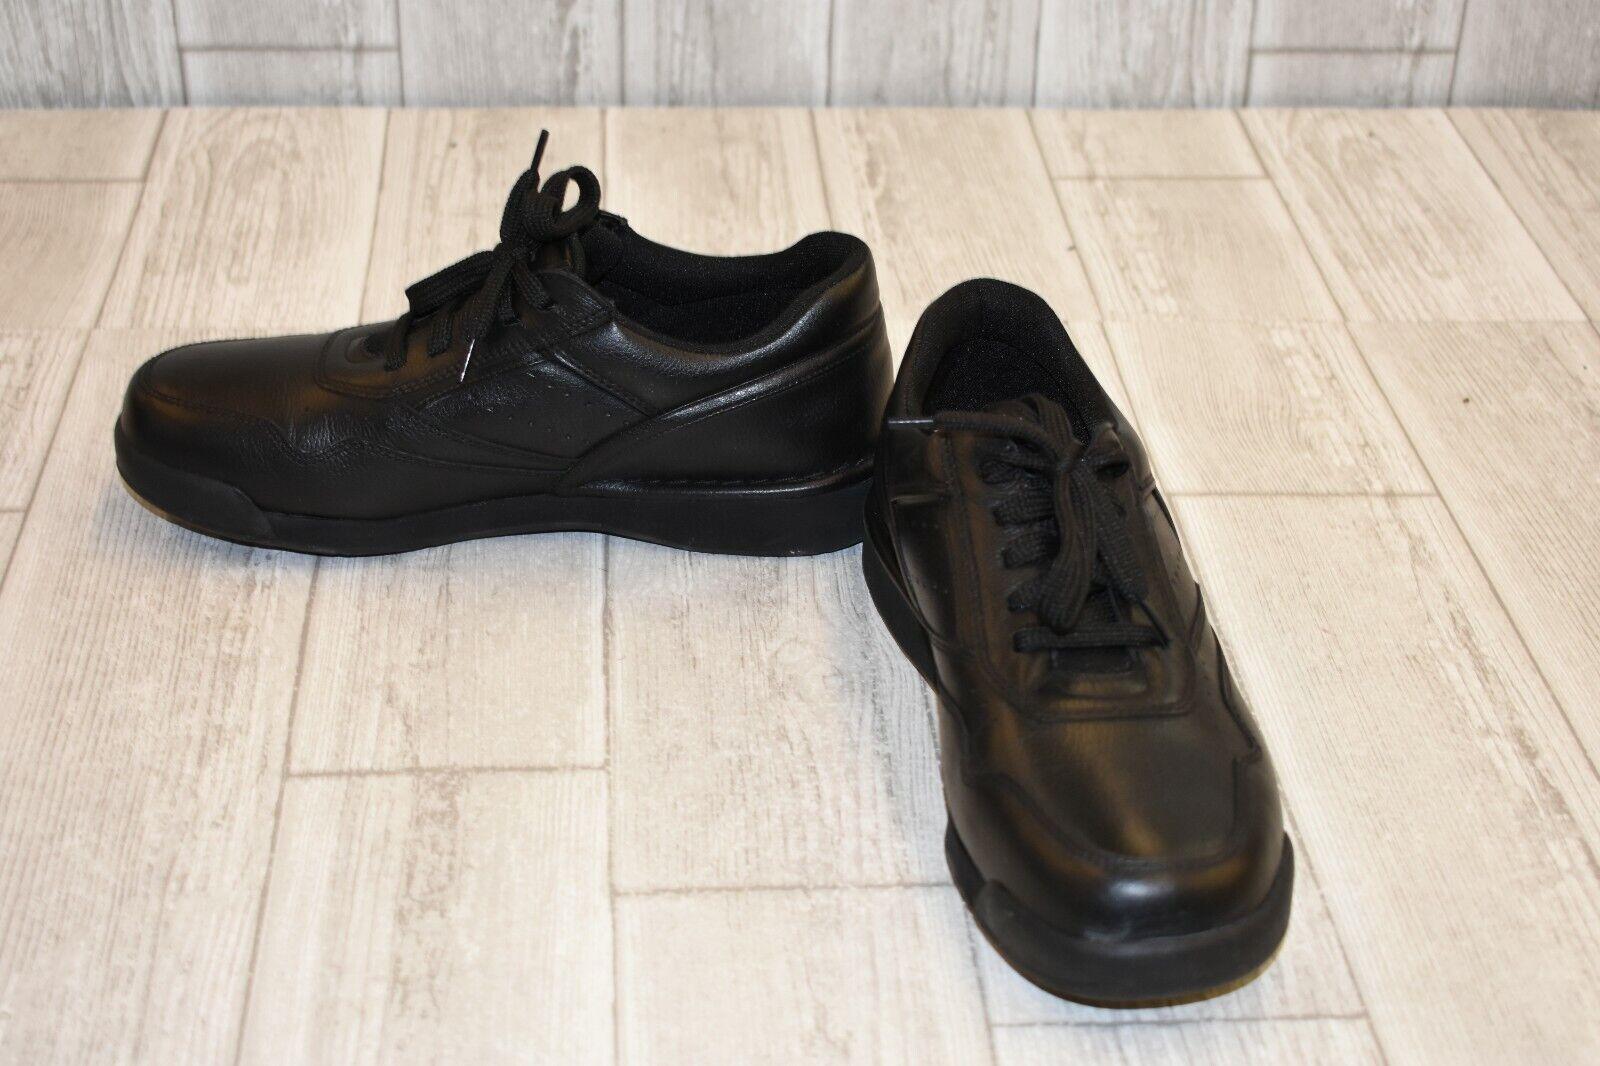 Rockport ProWalker M7100 Leather Walking shoes, Men's Size 7W, Black